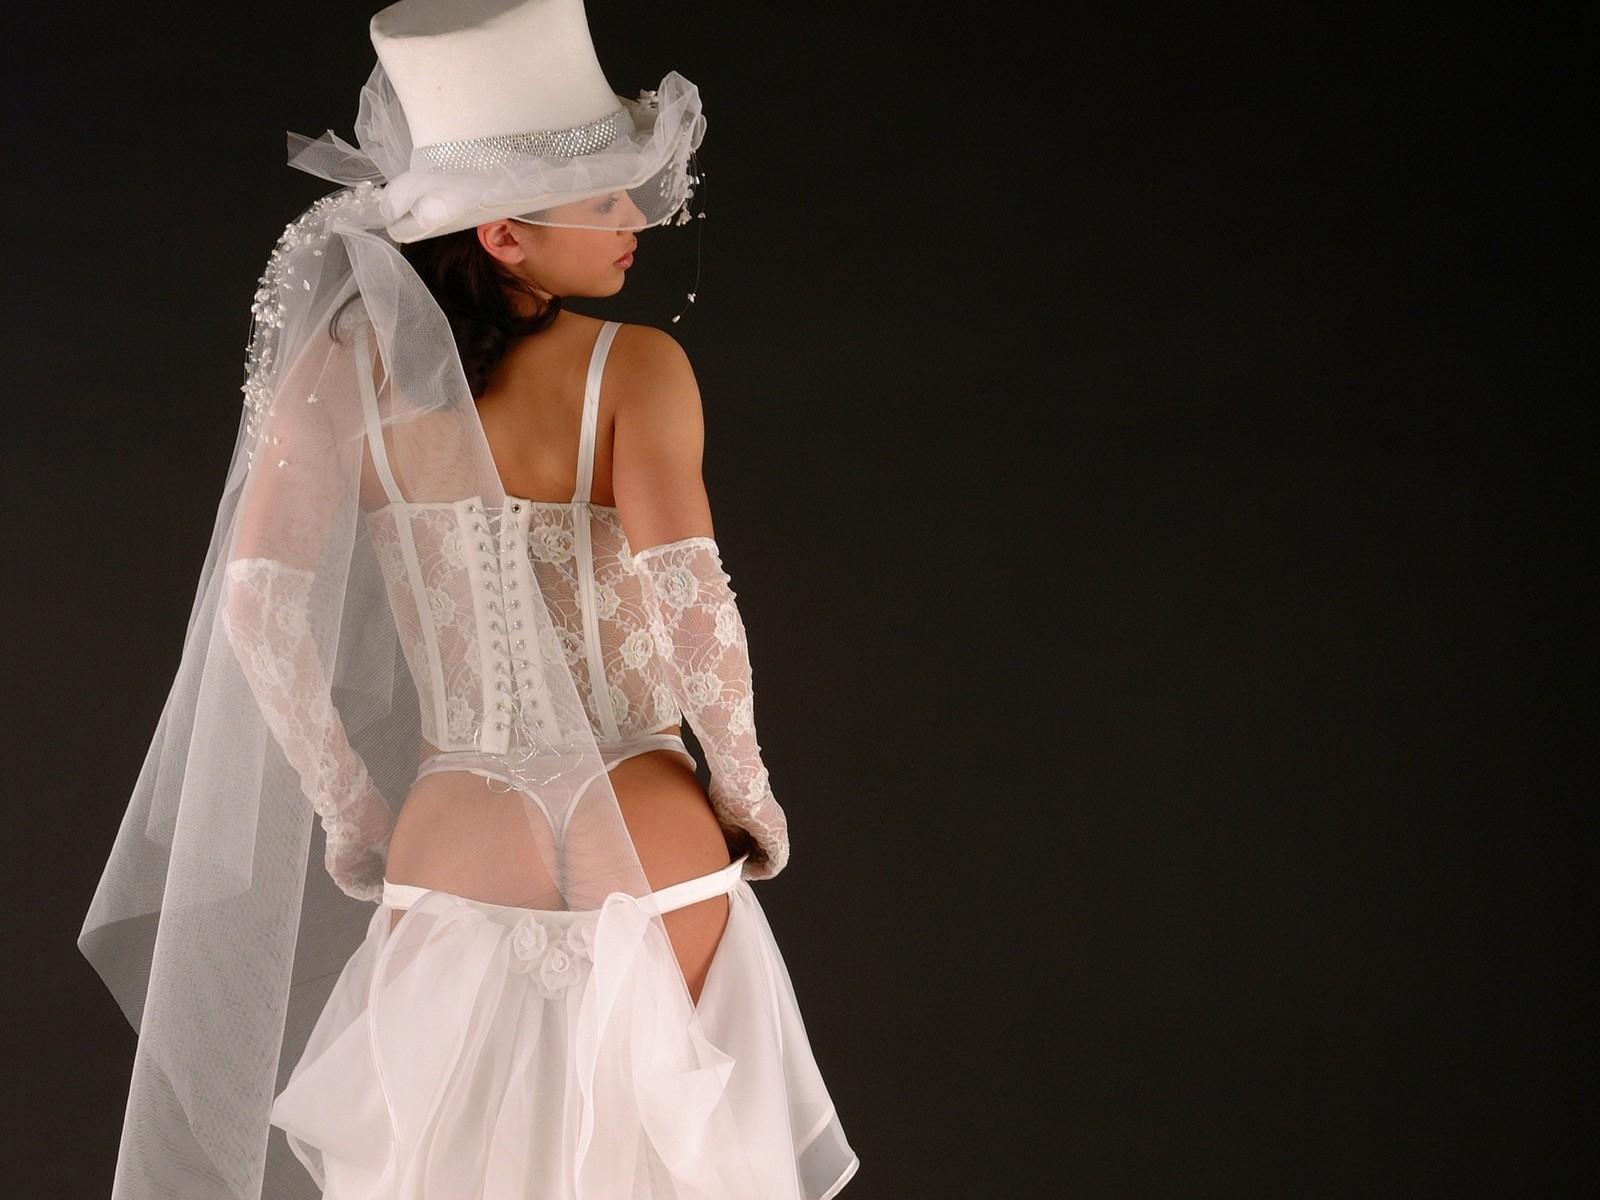 Русская группавуха с невестой, Секс с невестами: смотреть порно видео онлайн бесплатно 9 фотография